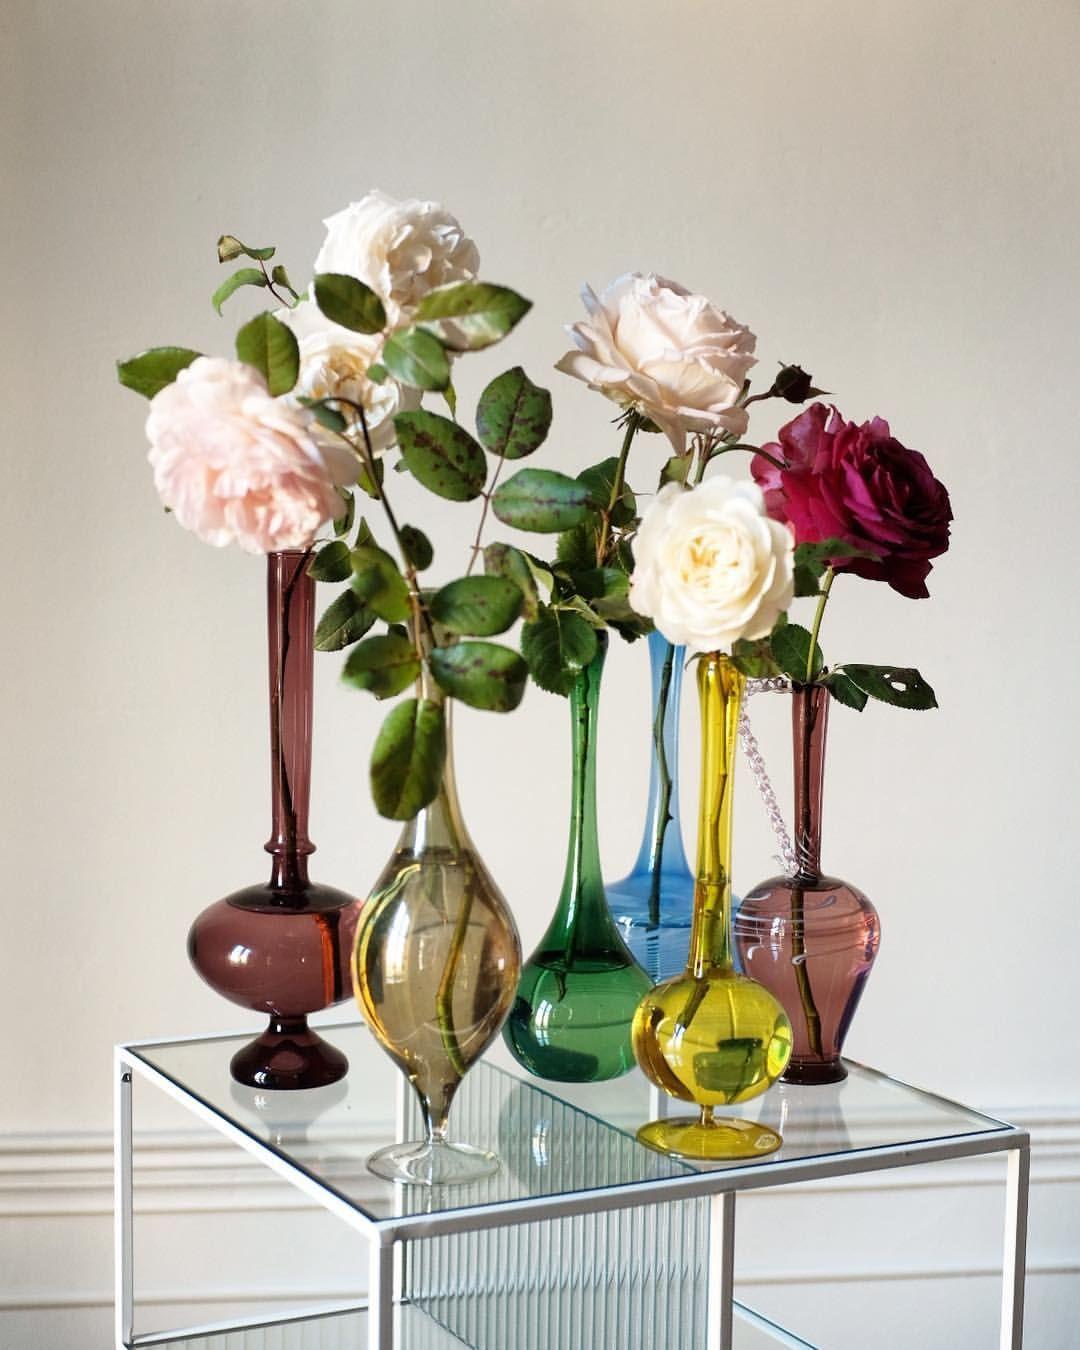 Kwiatyimiut Kwiatysapiekne Pieknokwiatowprzemija Flowersarebeautiful Kwiatyimiut Farma Glass Vase Decor Home Decor